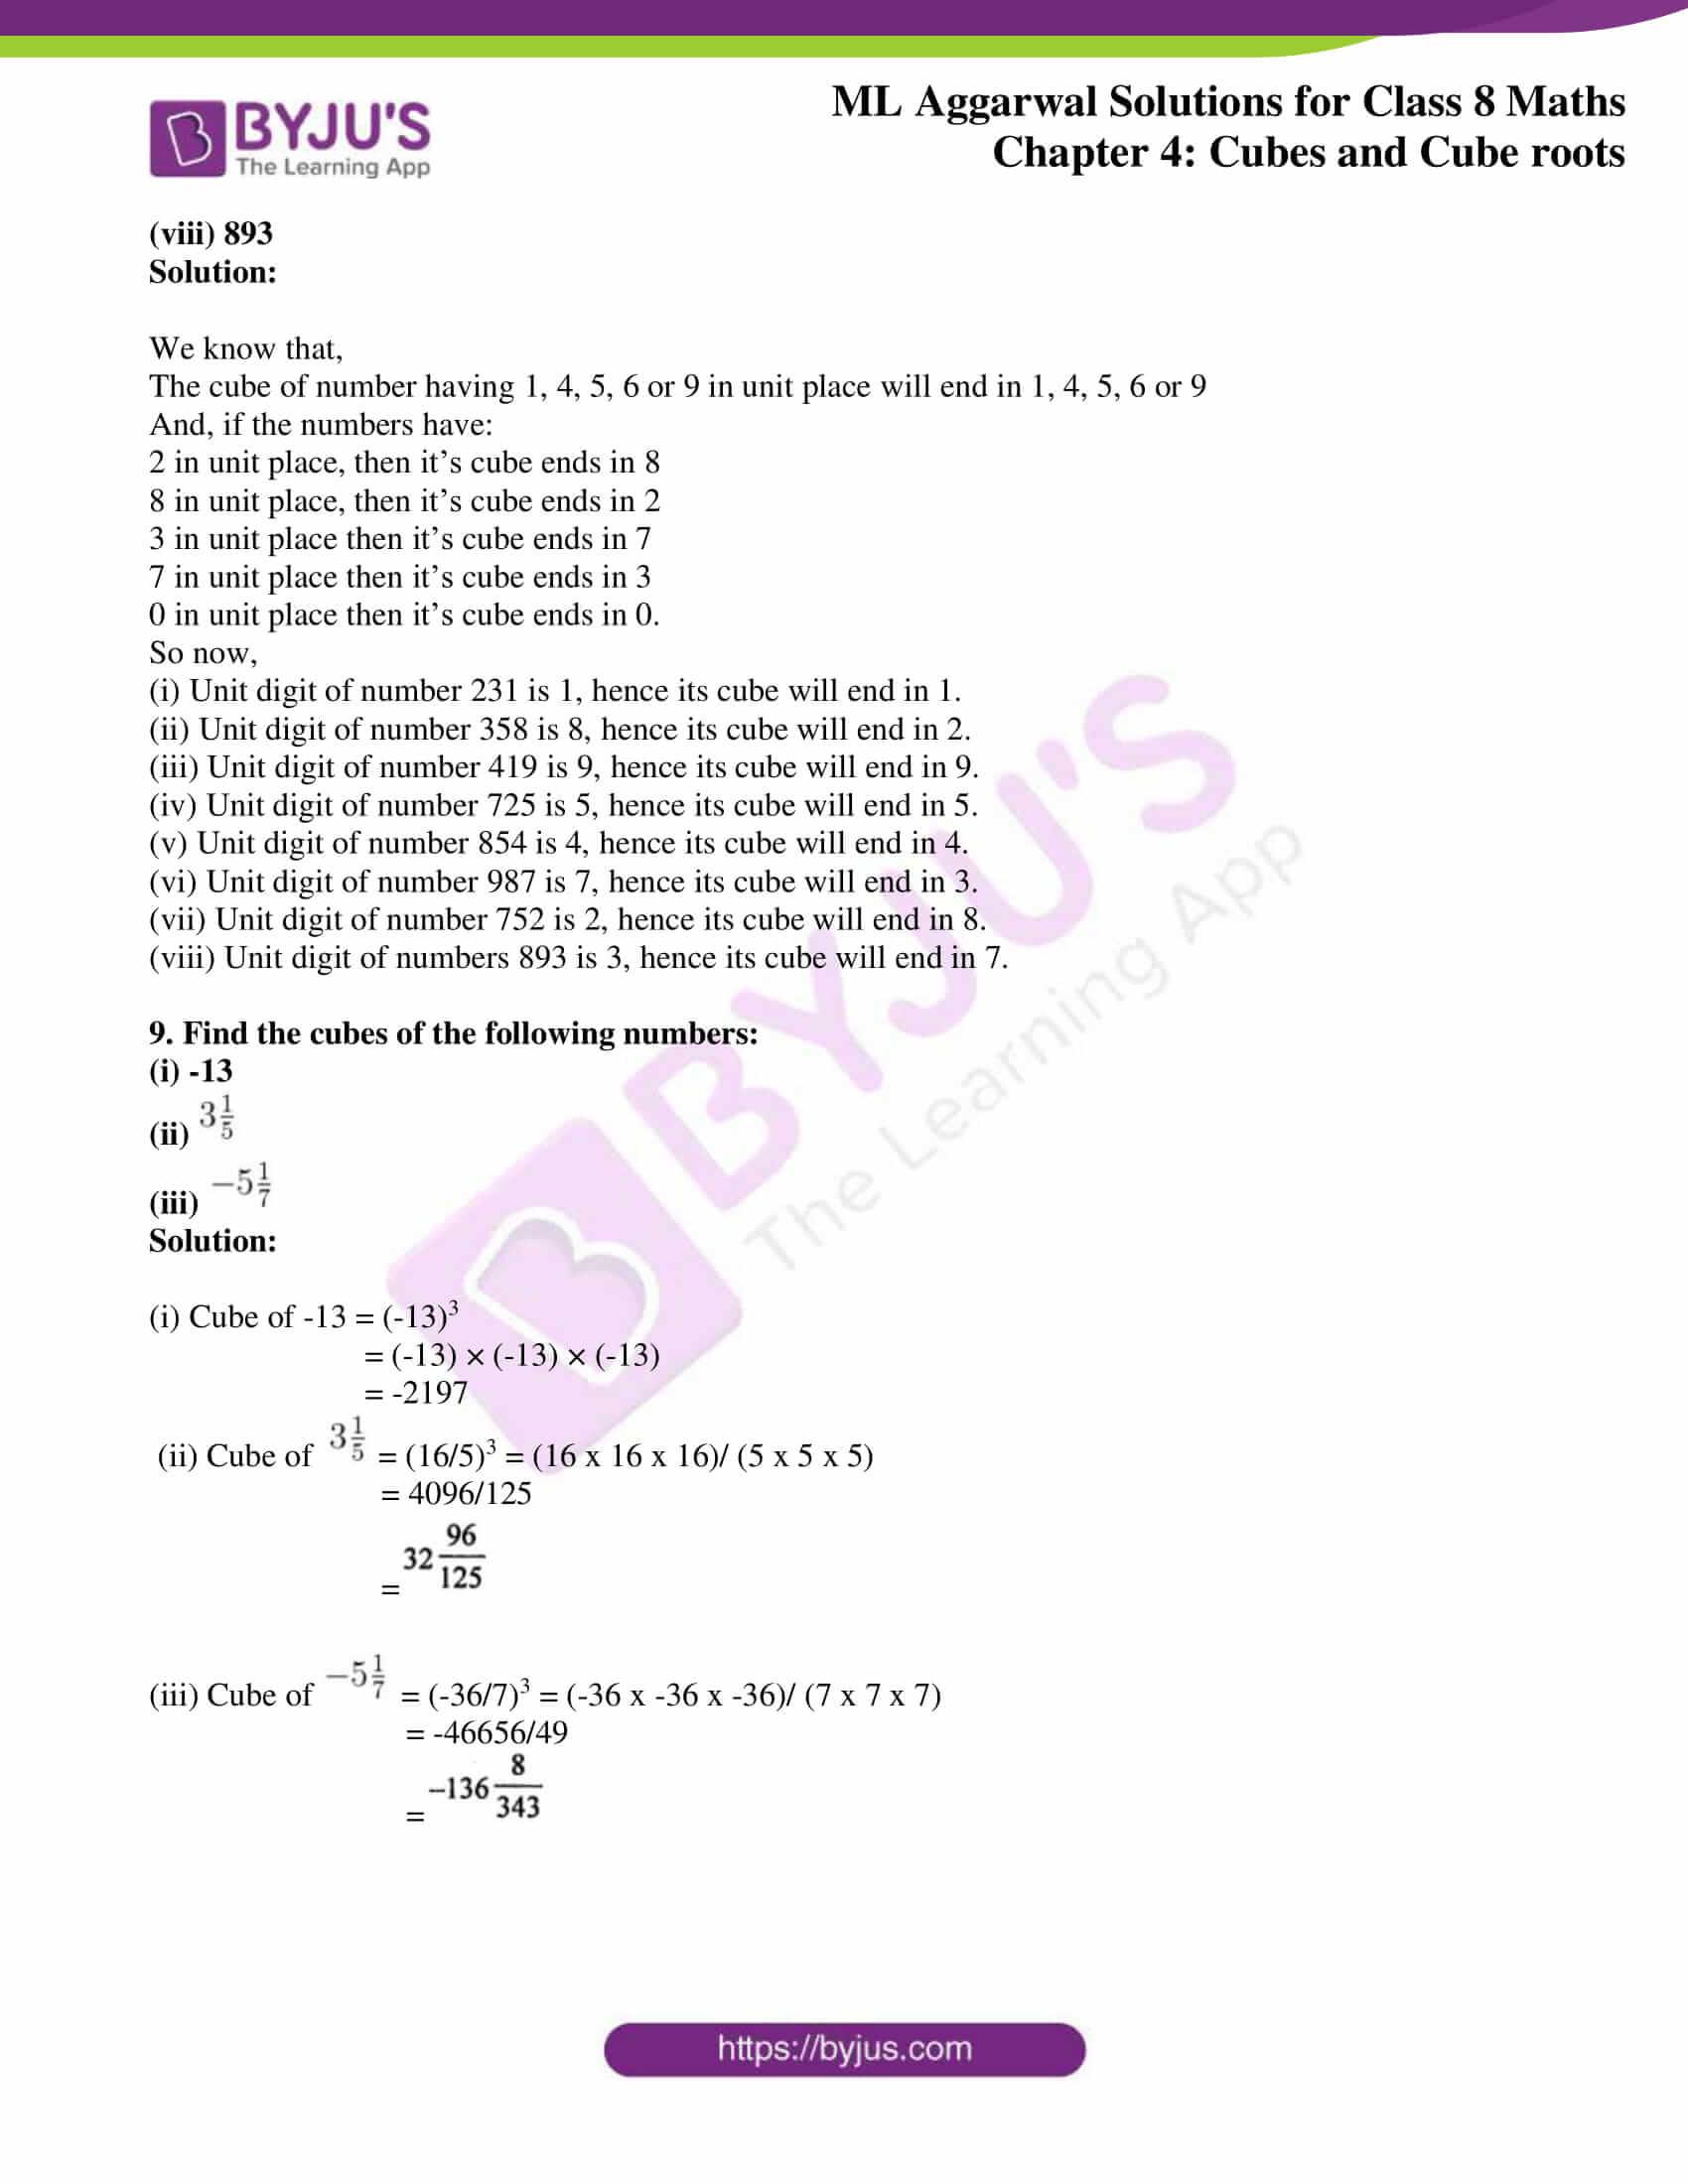 ml aggarwal sol mathematics class 8 ch 4 09